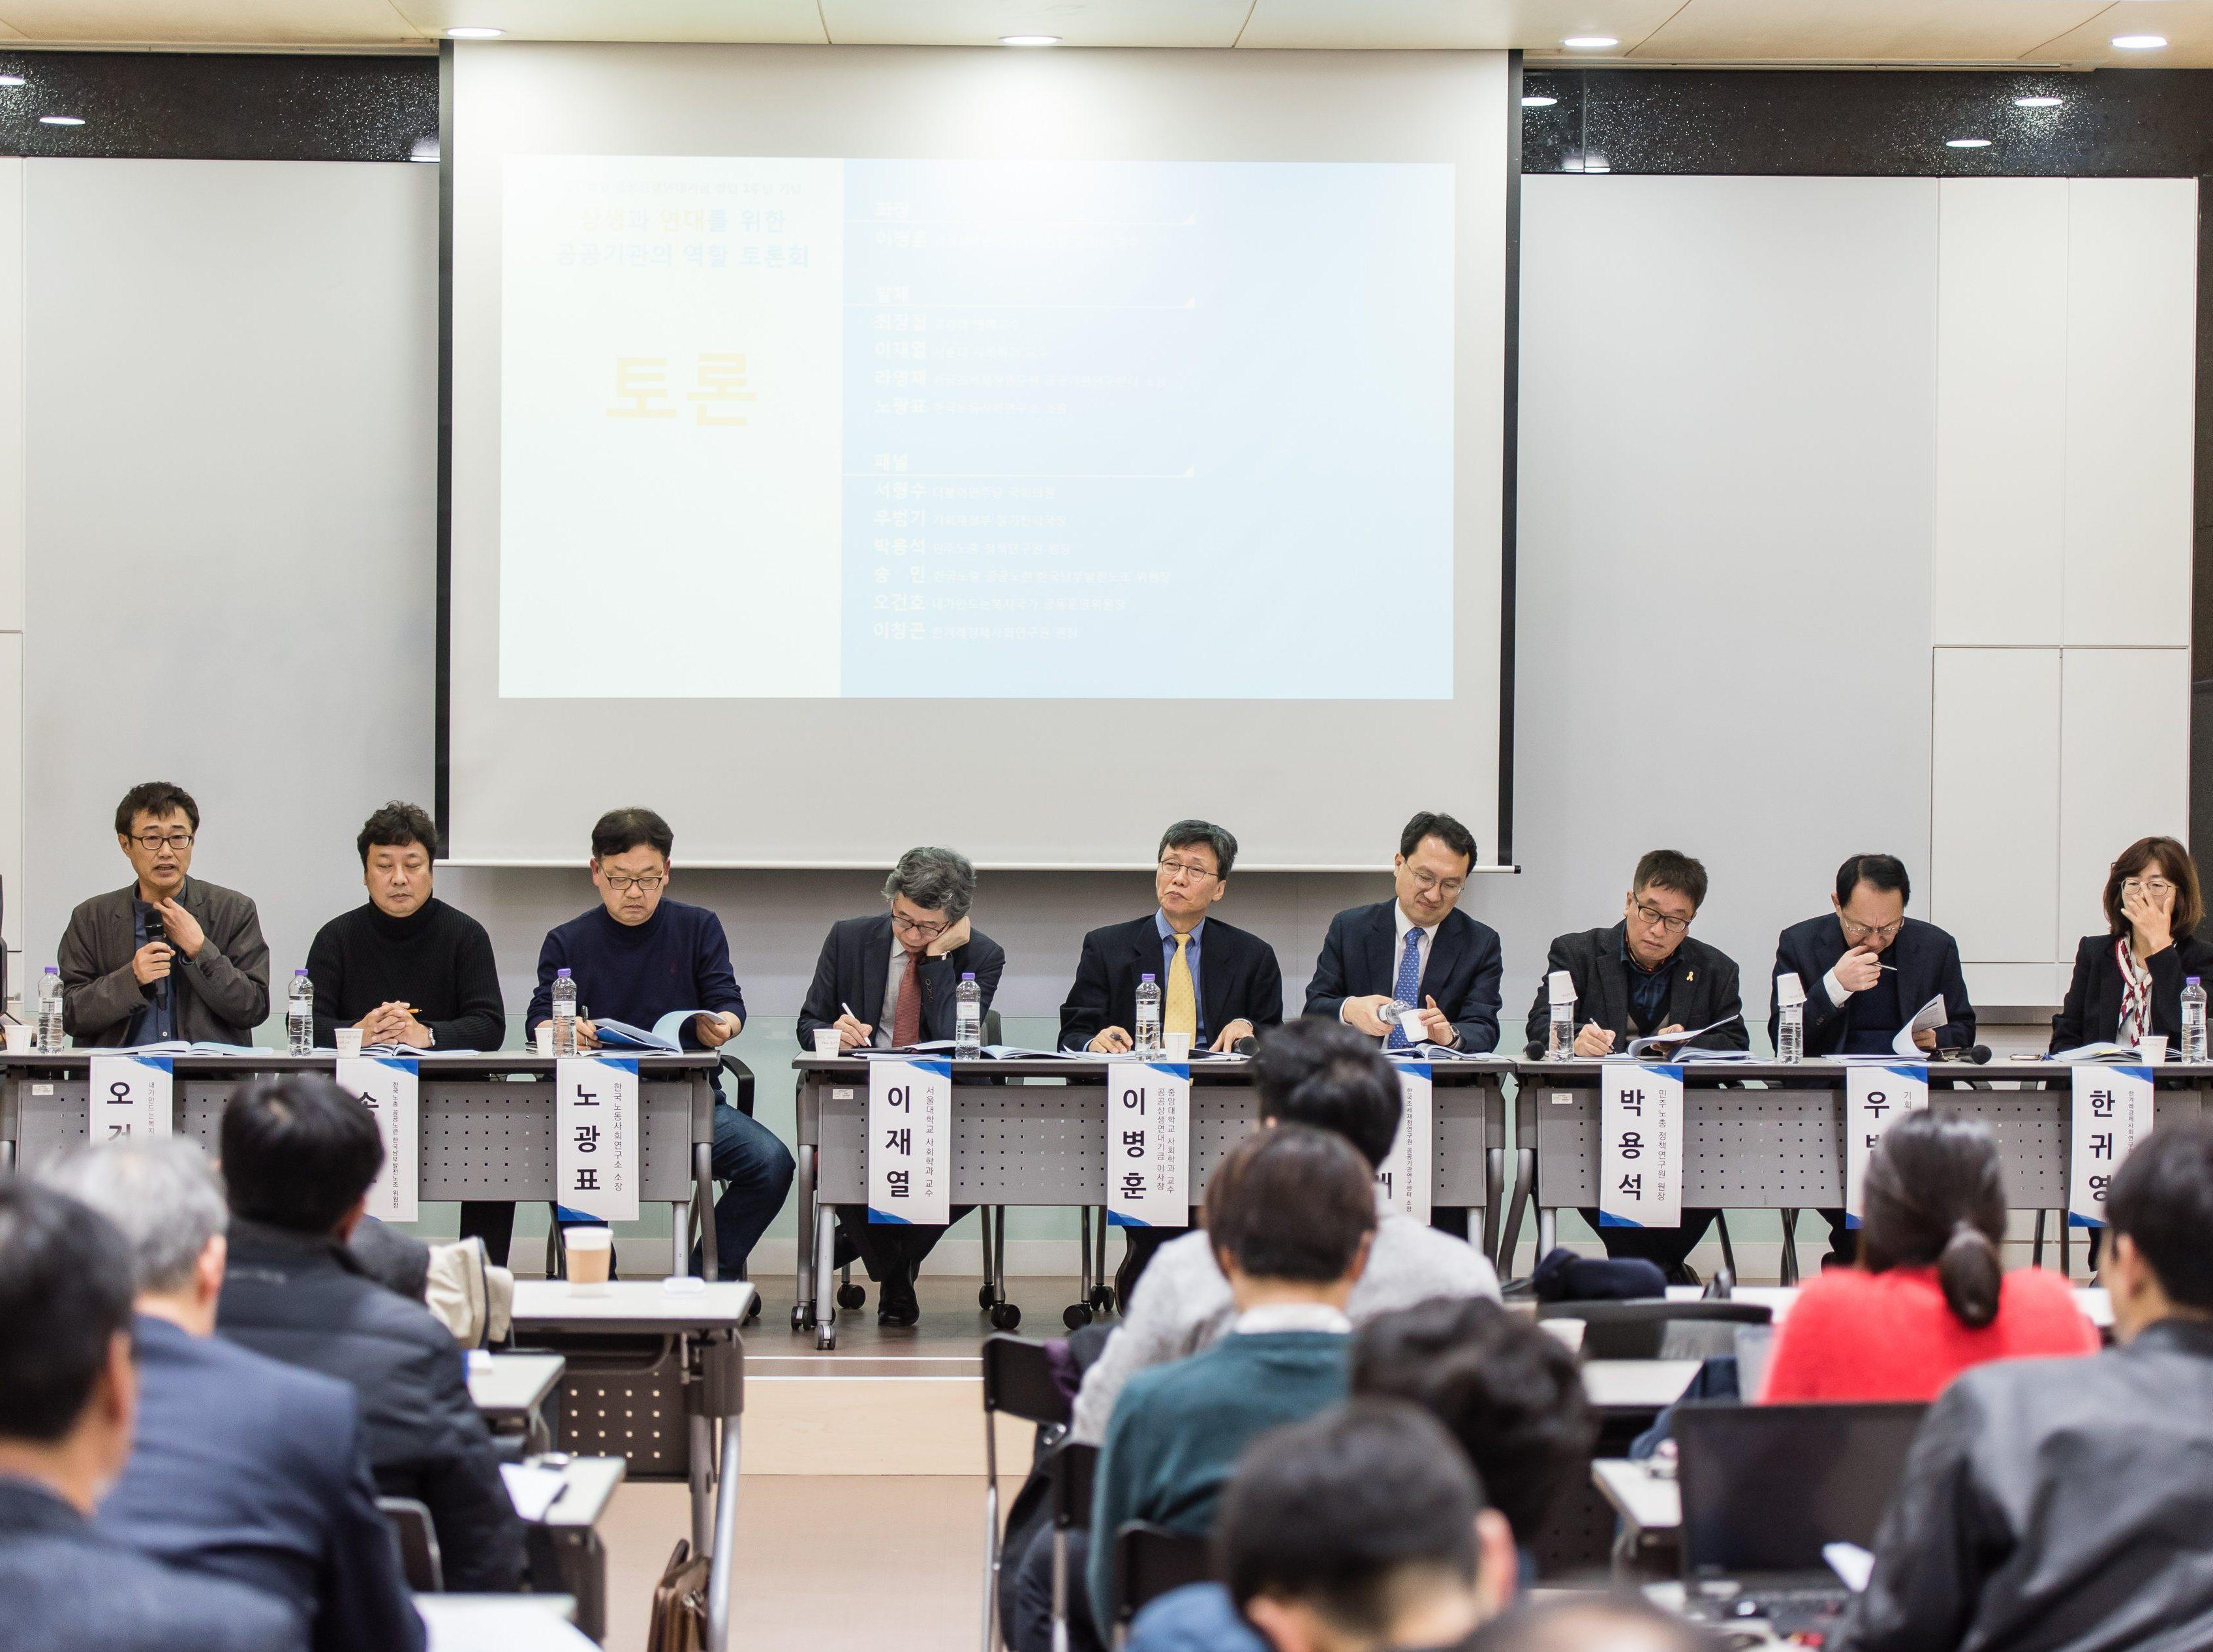 재단 창립 1주년 기념 토론회 (18.12. 4.)